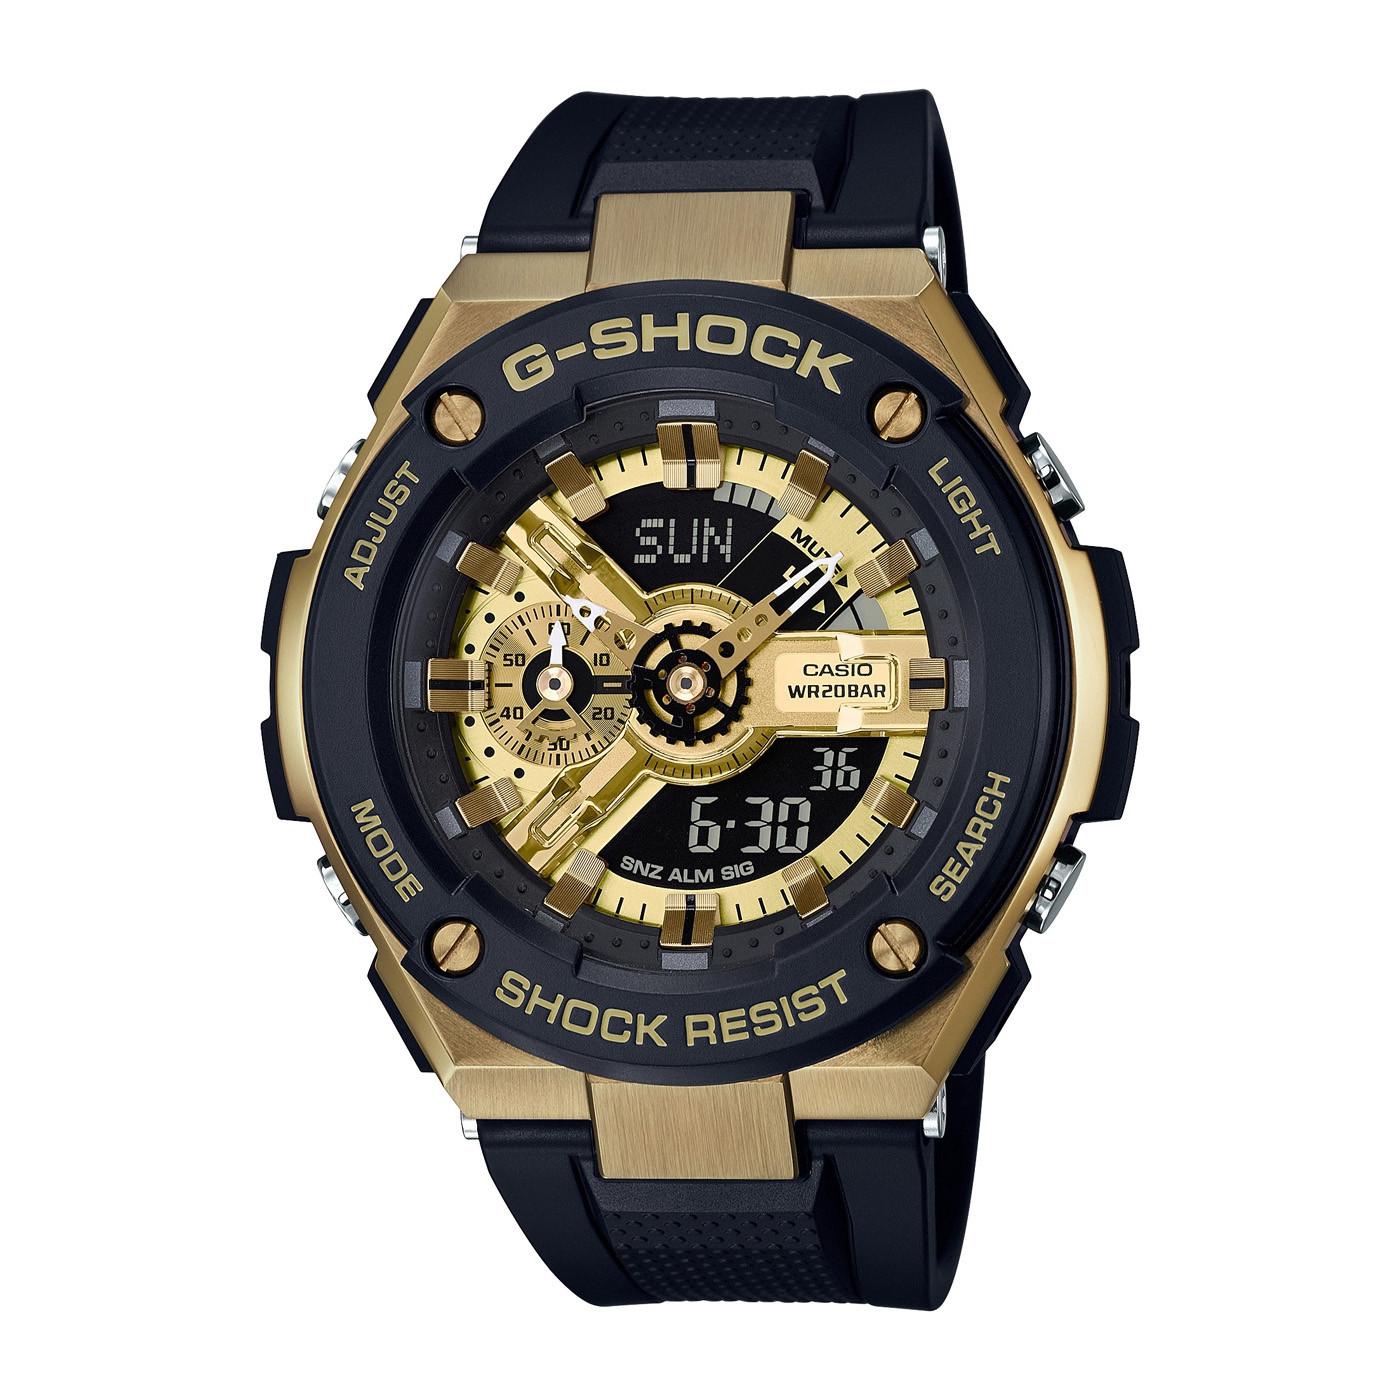 G-Shock G-Steel horloge GST-400G-1A9ER